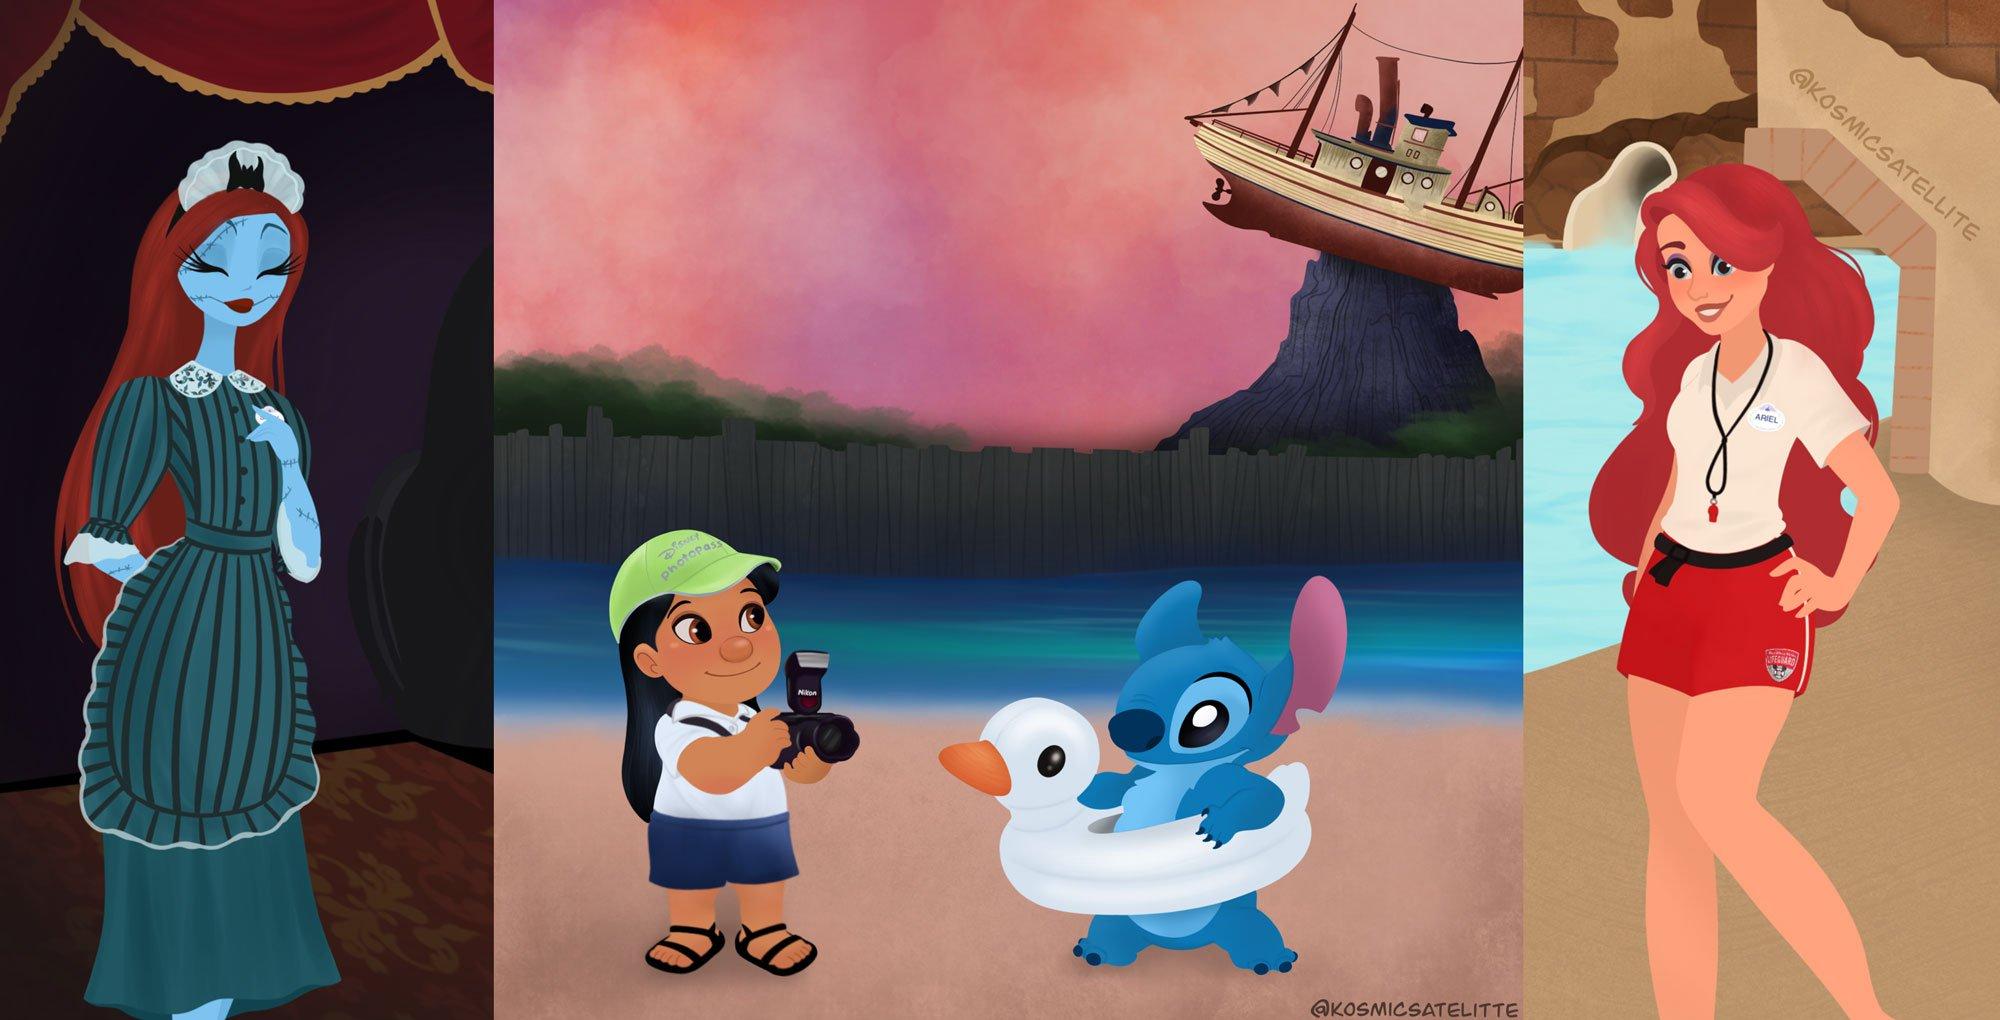 Disney characters as Cast Members at Walt Disney World.